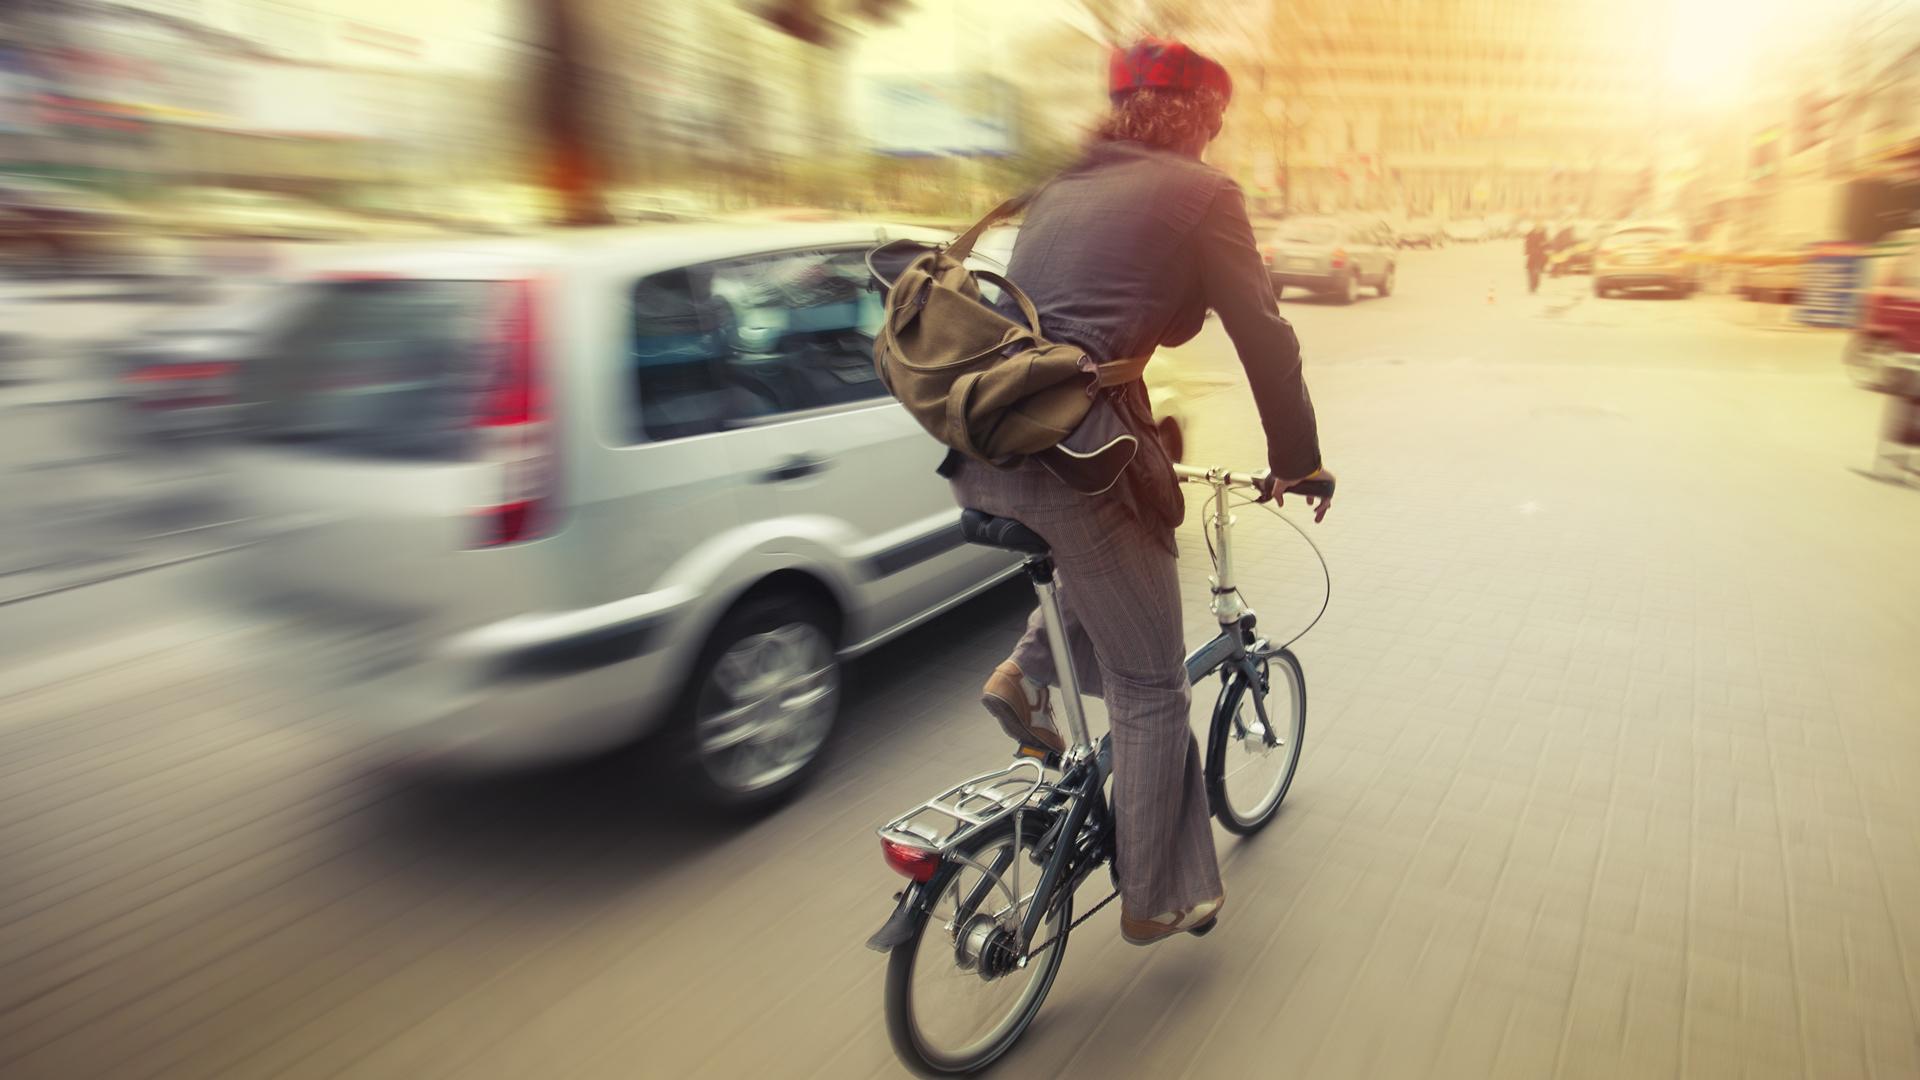 Coche ralizando un adelantamiento a un ciclista